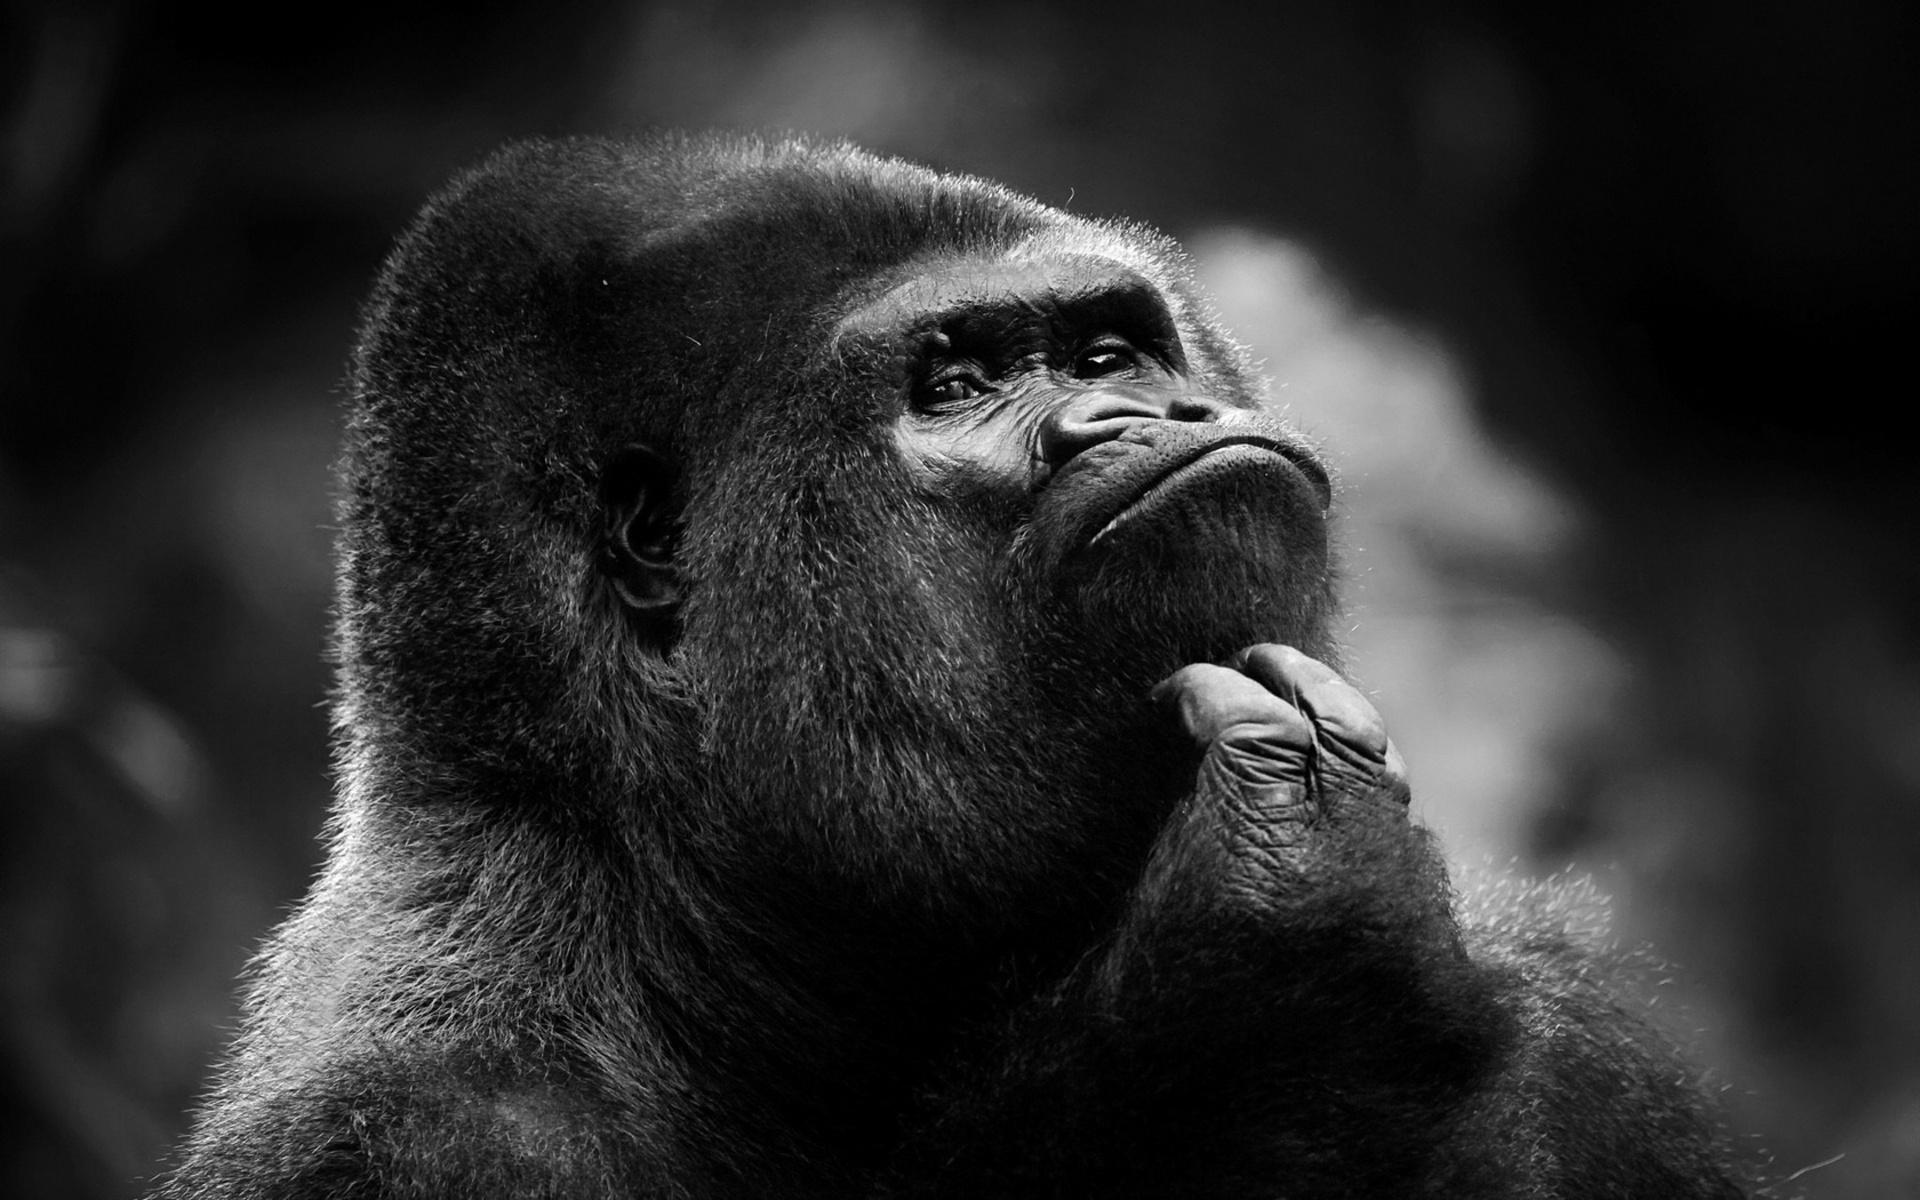 Tiere   Gorilla Wallpaper 1920x1200